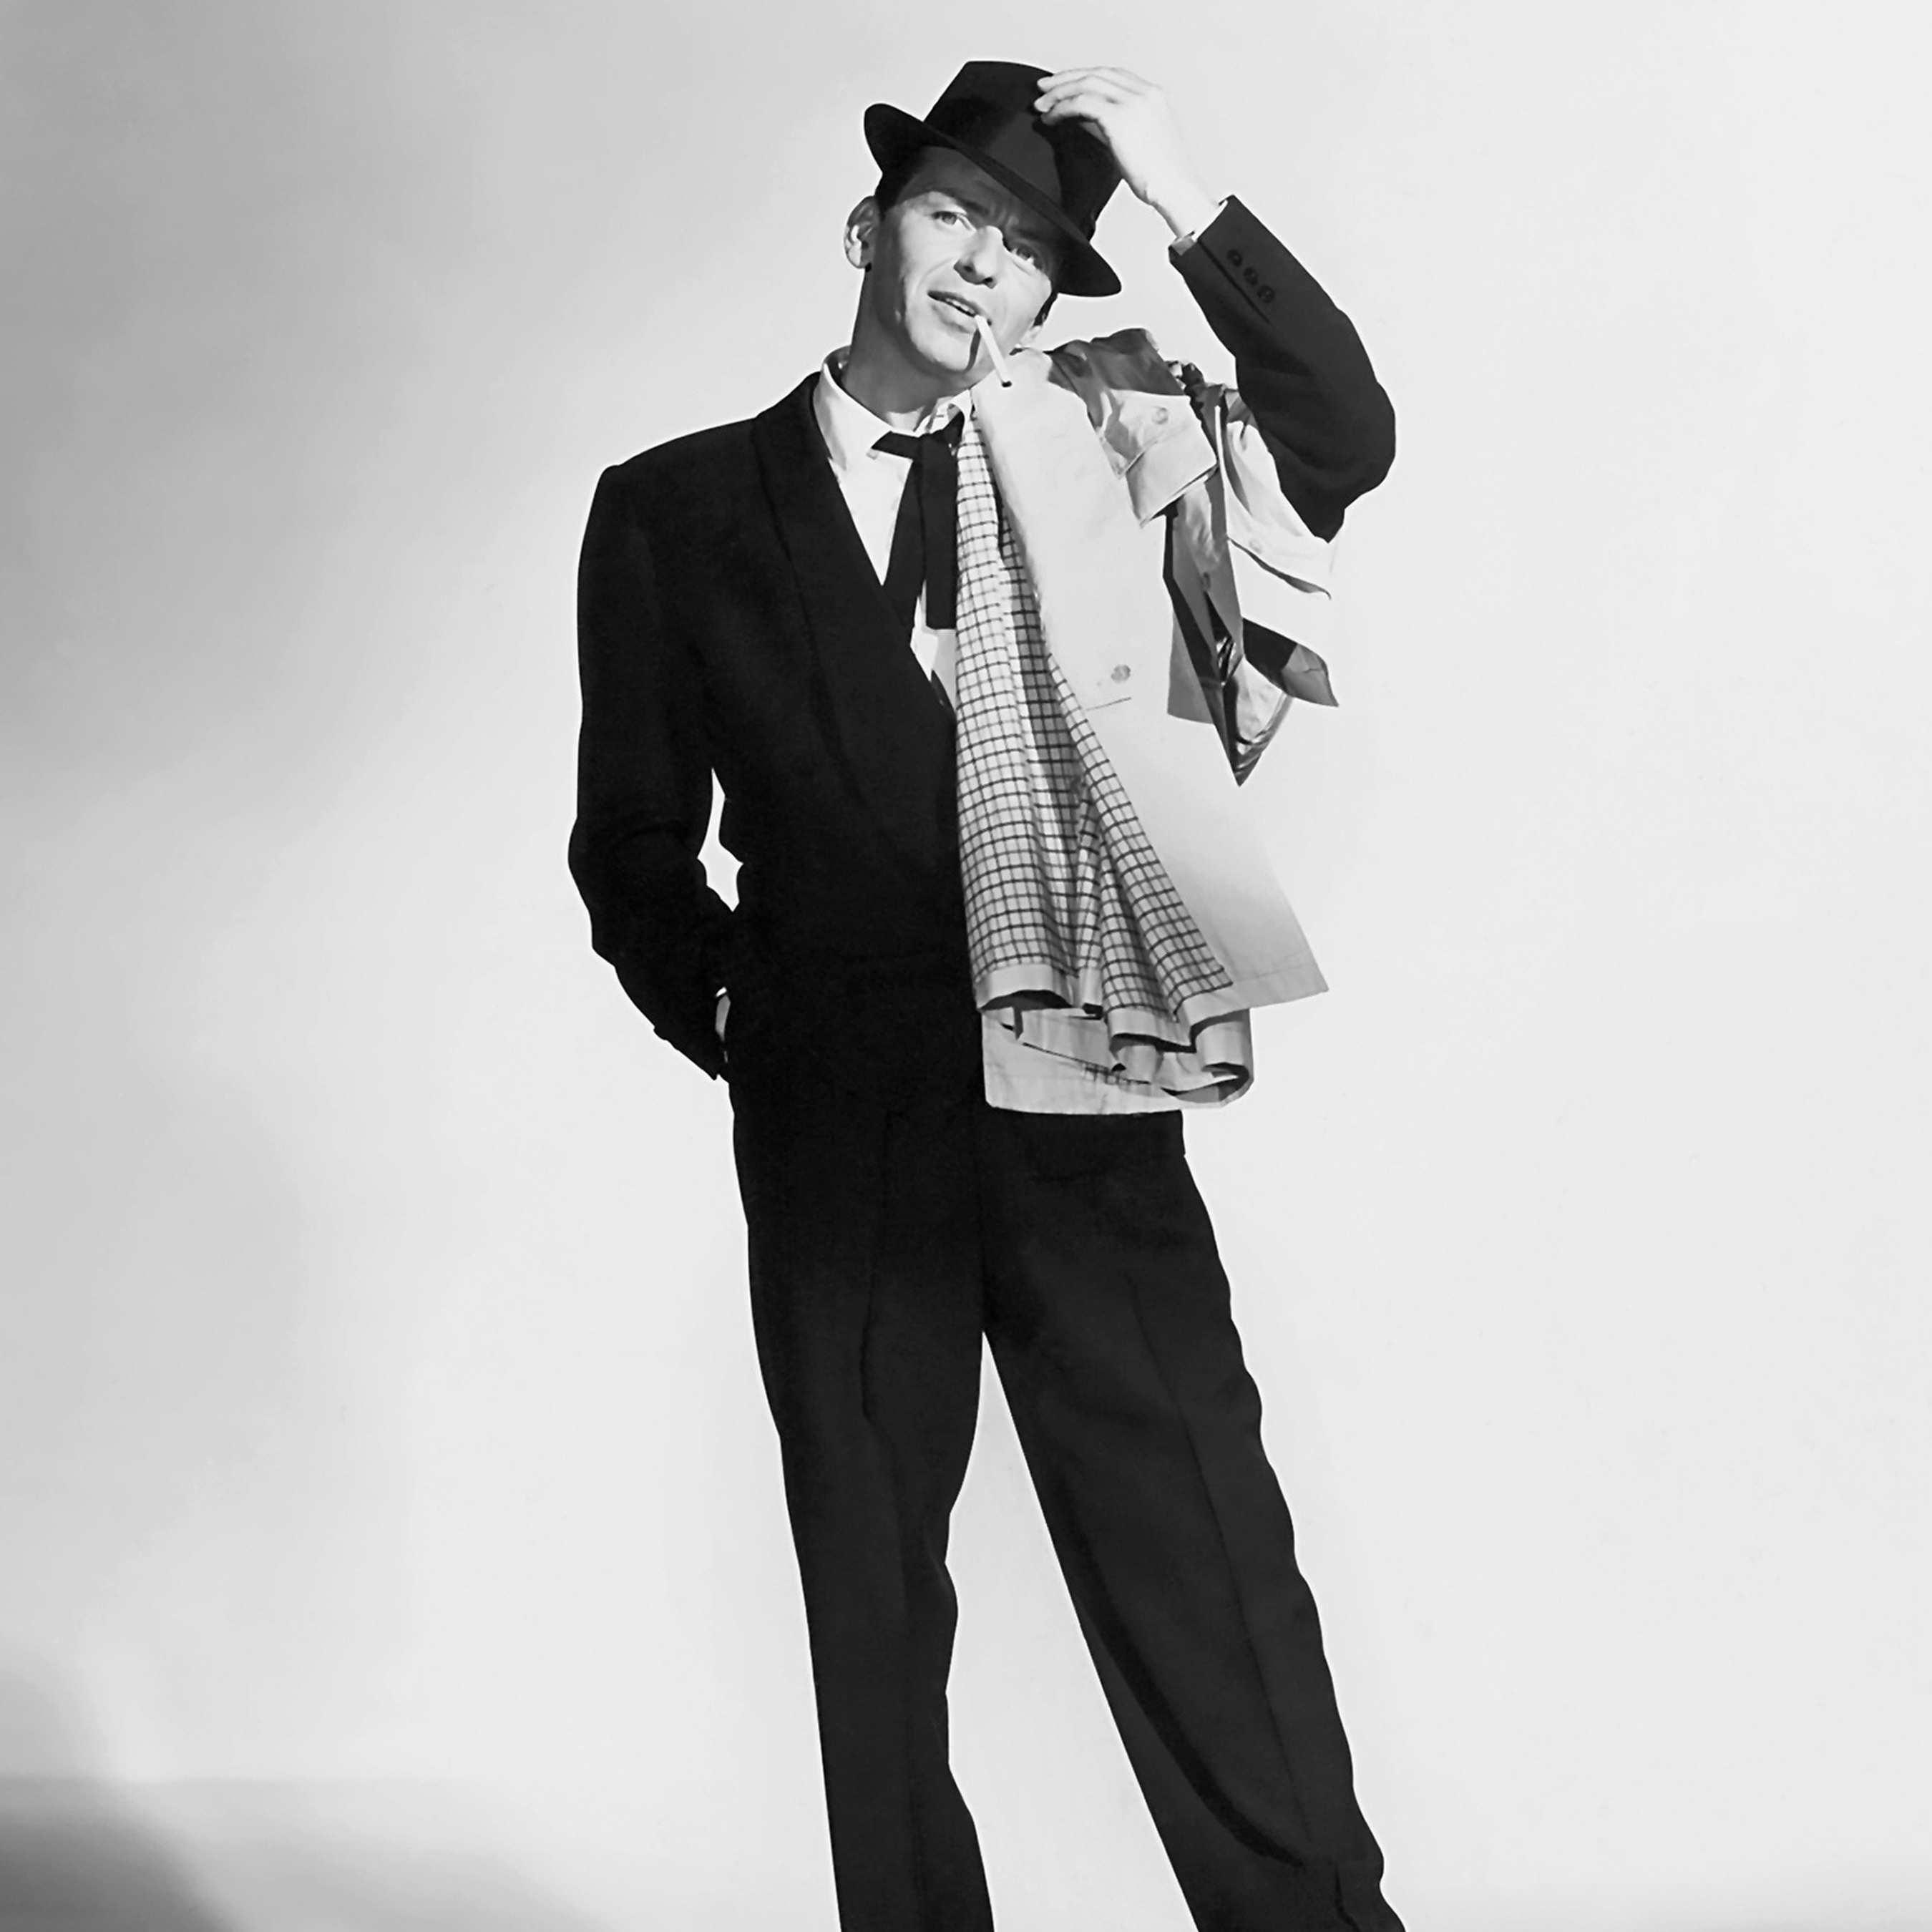 Frank Sinatra in 'Pal Joey'